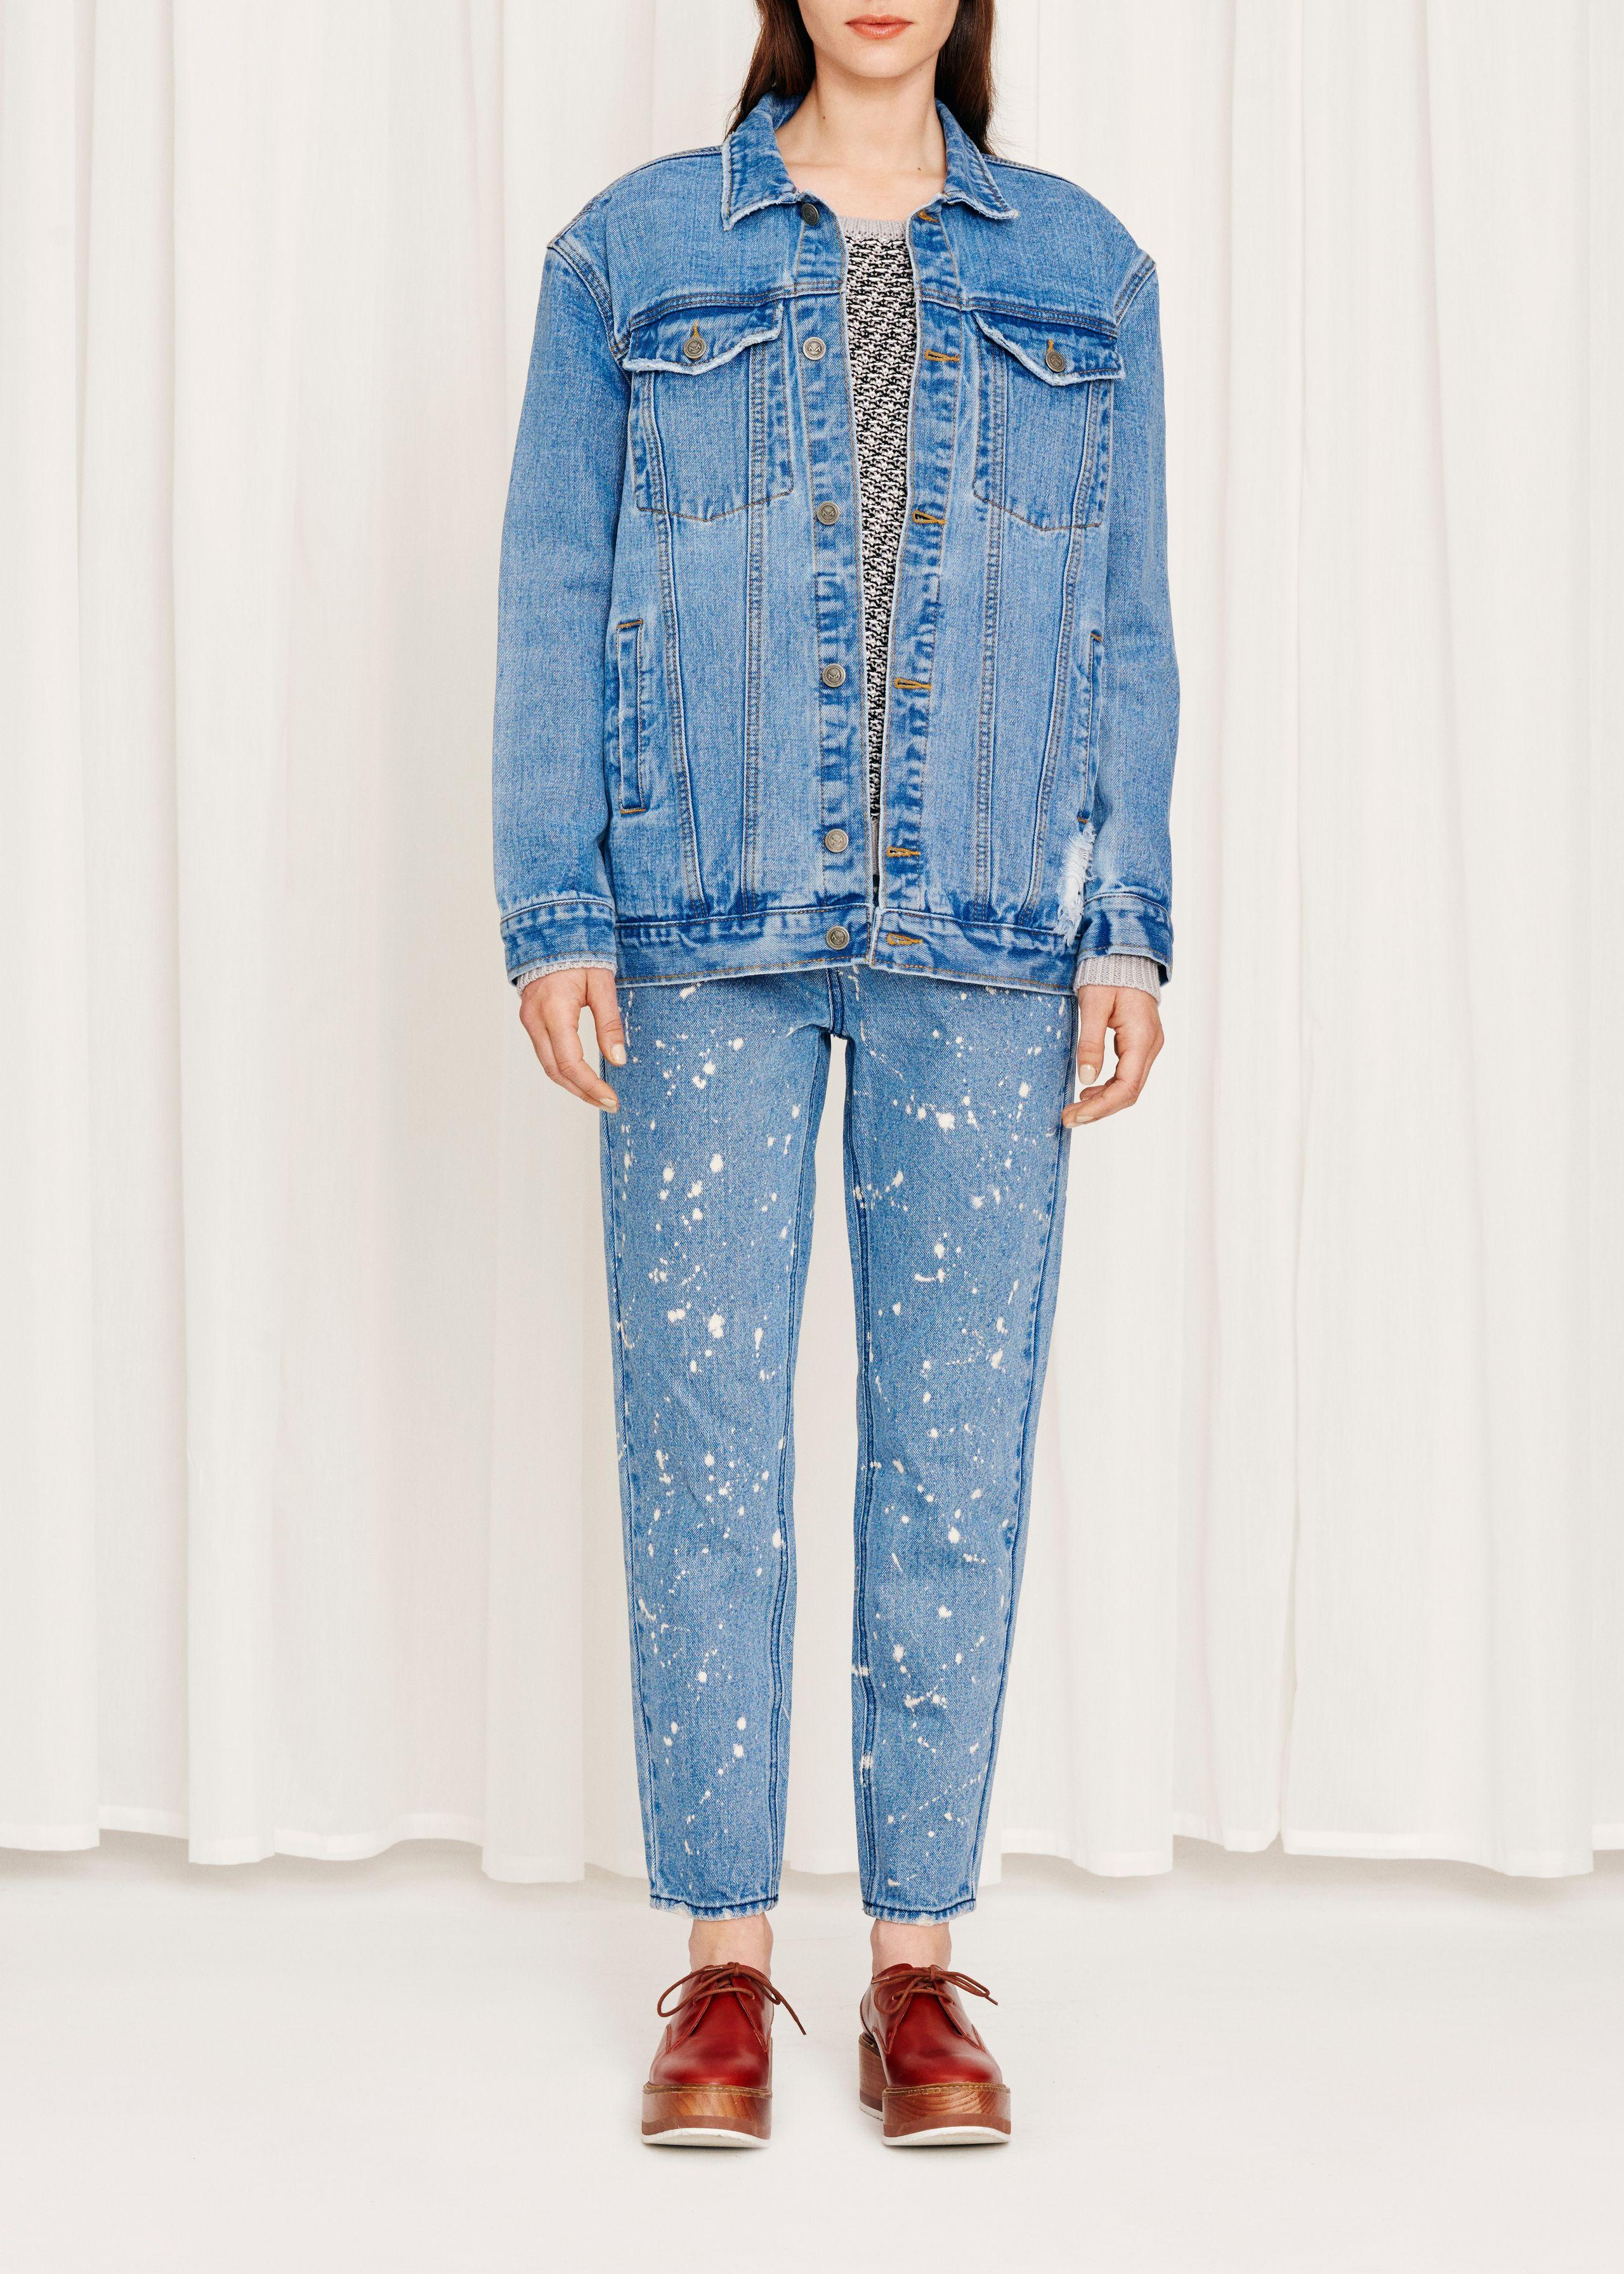 Lila Vintage Destroy Jacket from Modström  Shop Online at modstrom.com